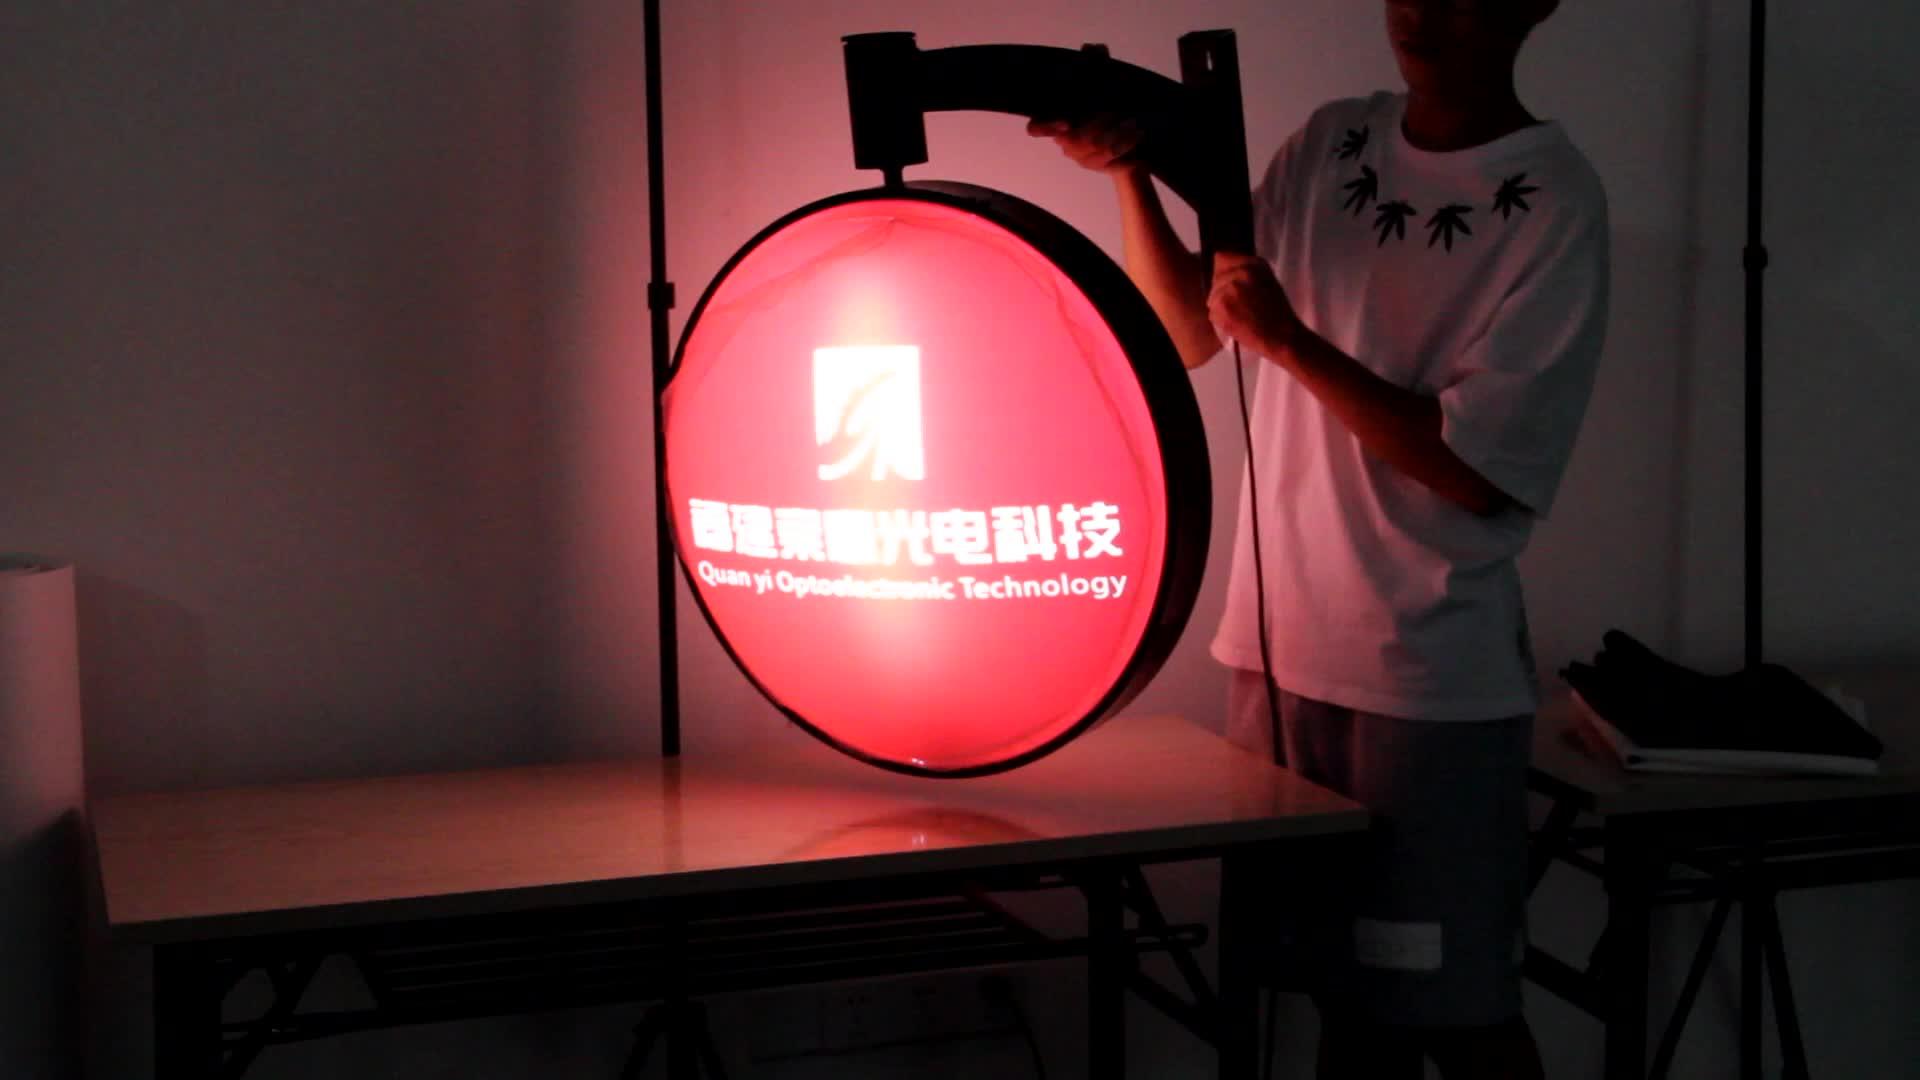 Custom Aluminum Freestanding Backlit Led Fabric Advertising Light Box